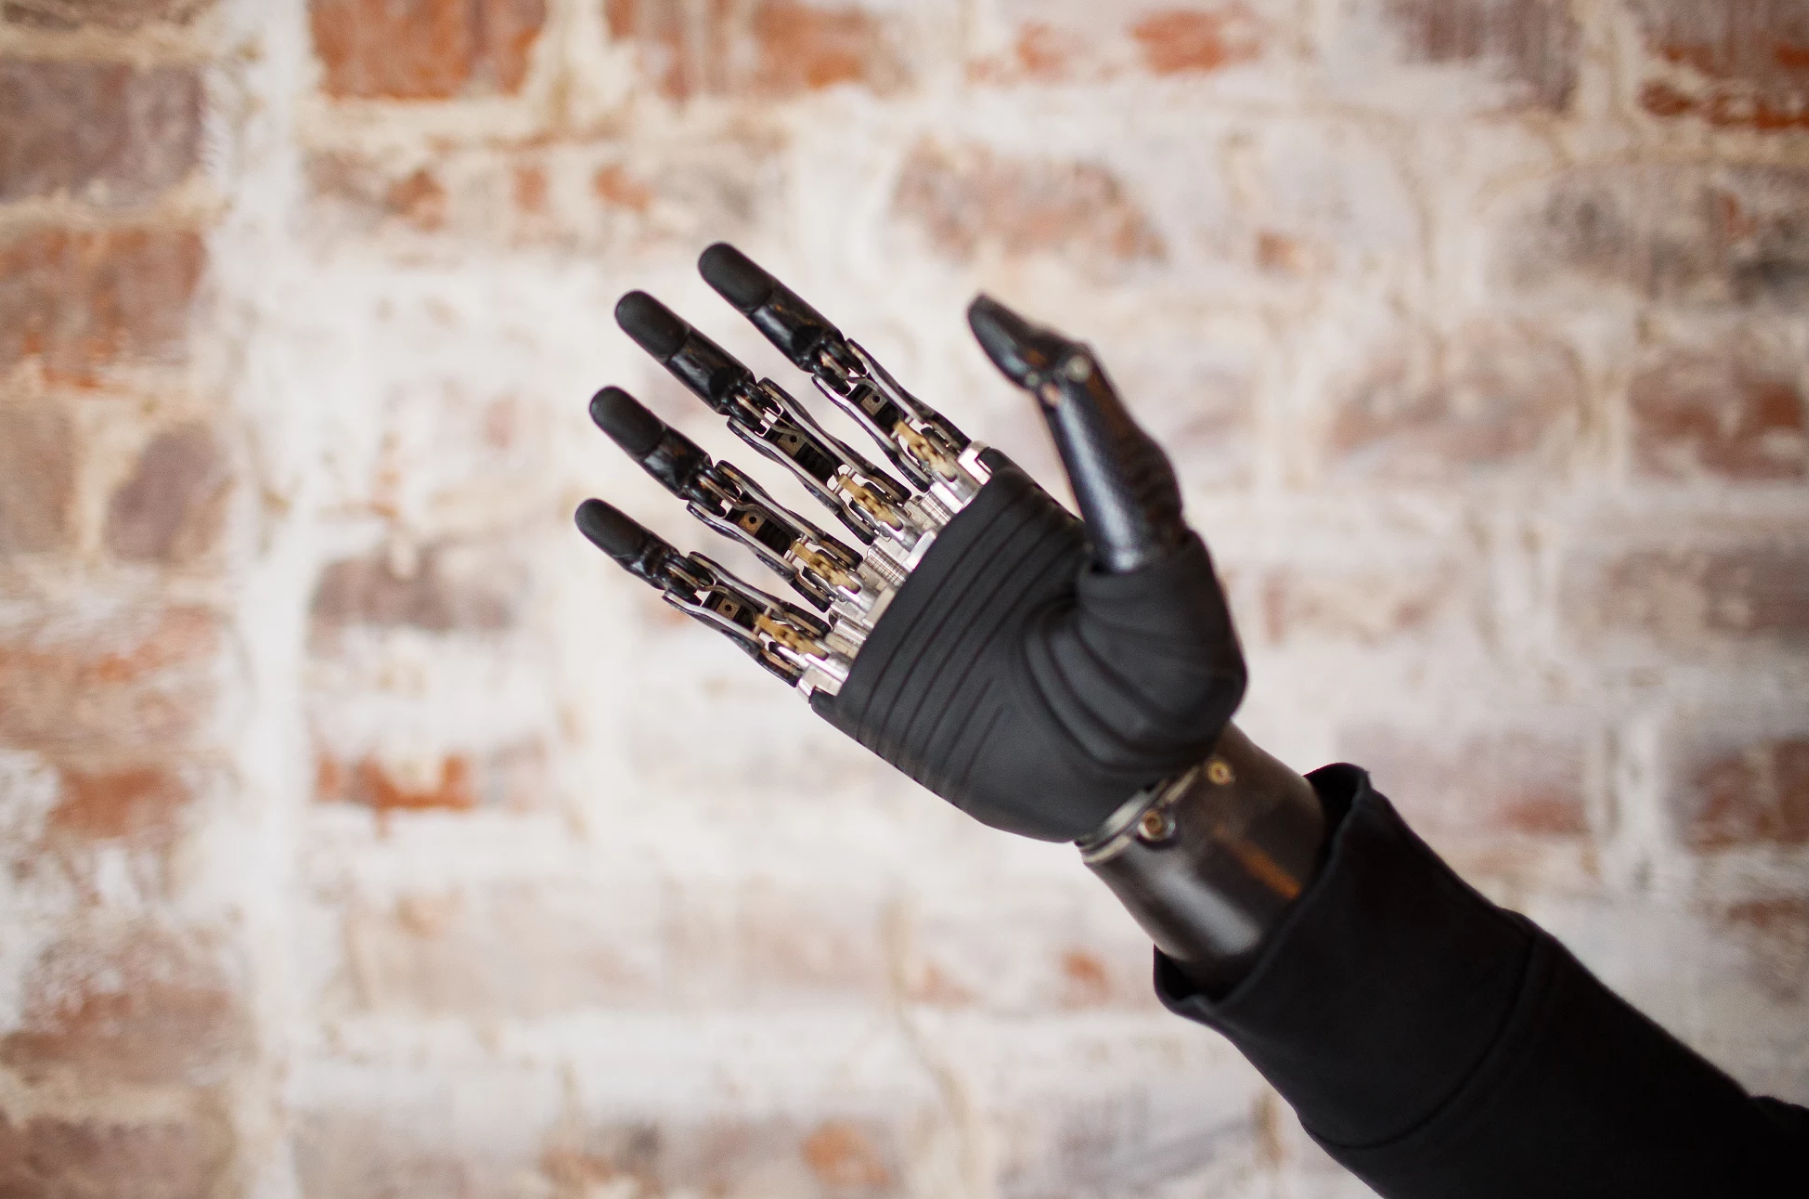 Интервью с владельцем бионических протезов BeBionic и MyoFacil: их достоинства и недостатки в повседневной жизни - 5